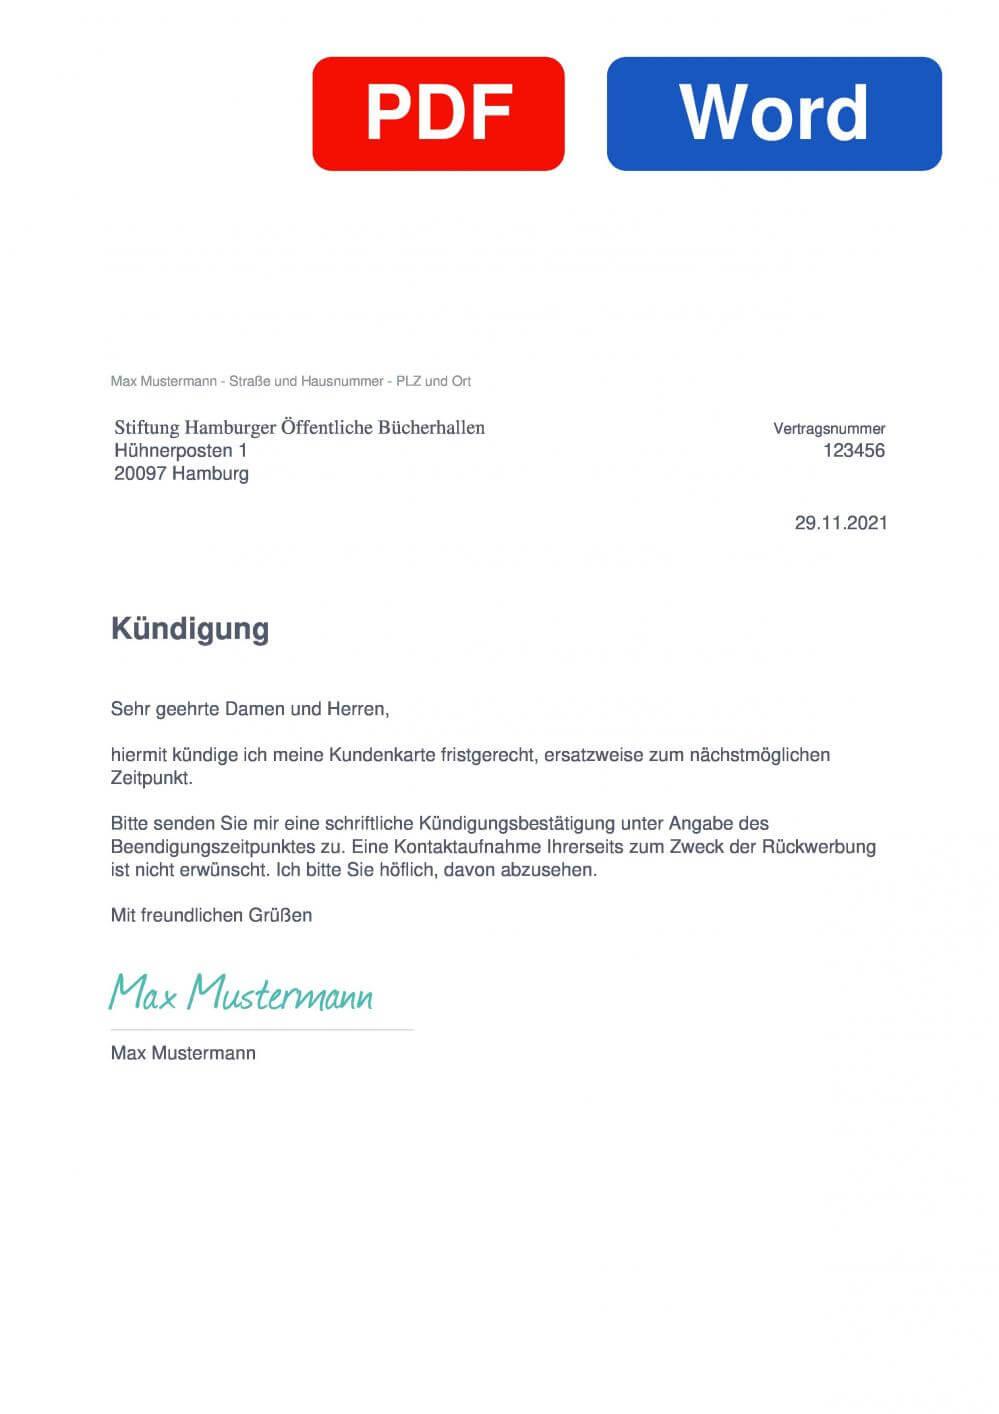 Bücherhallen Hamburg Muster Vorlage für Kündigungsschreiben